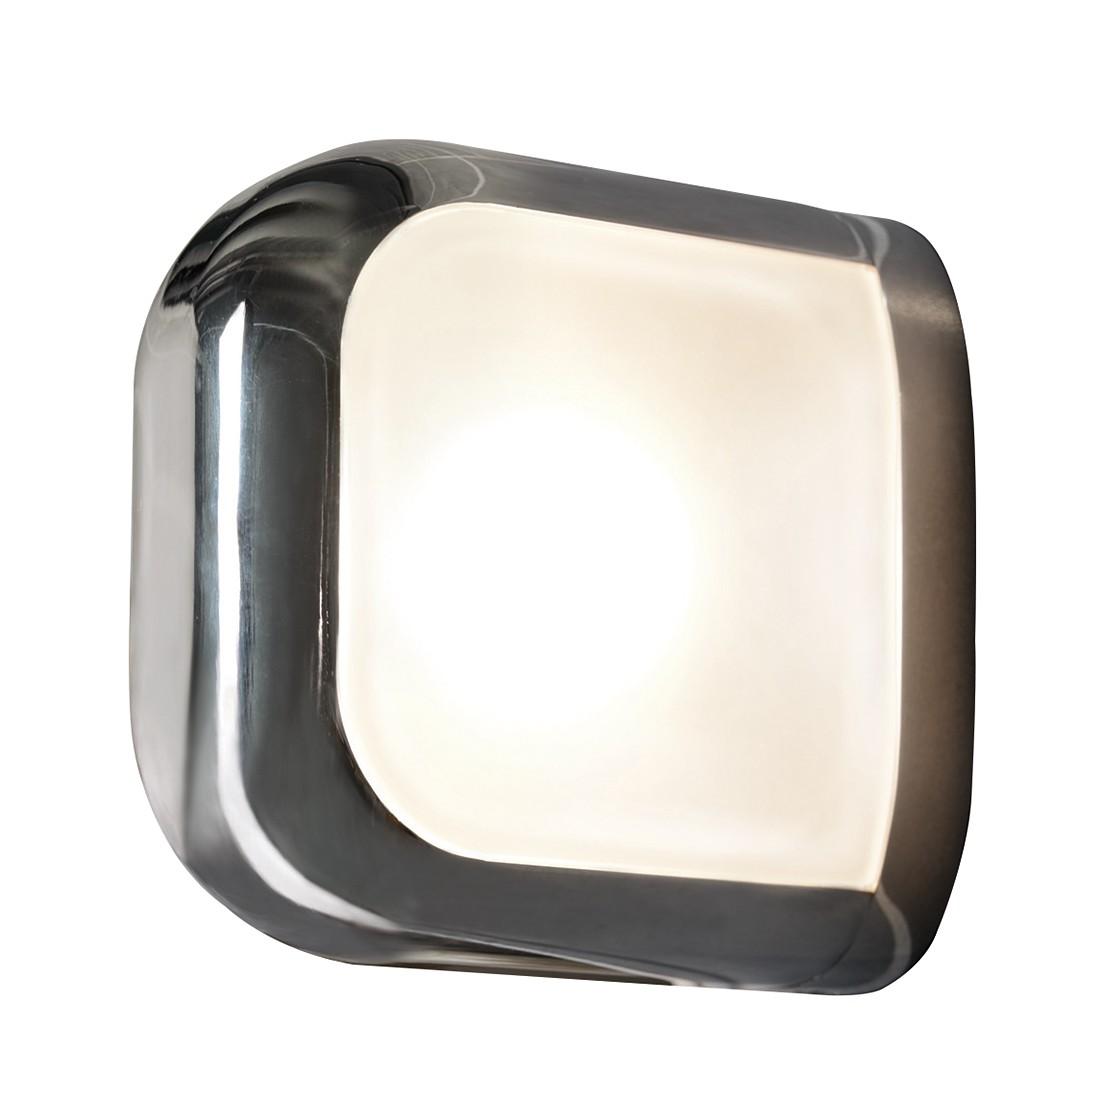 energie  C, Wandlamp Zinta - metaal/wit glas 1 lichtbron, Herstal